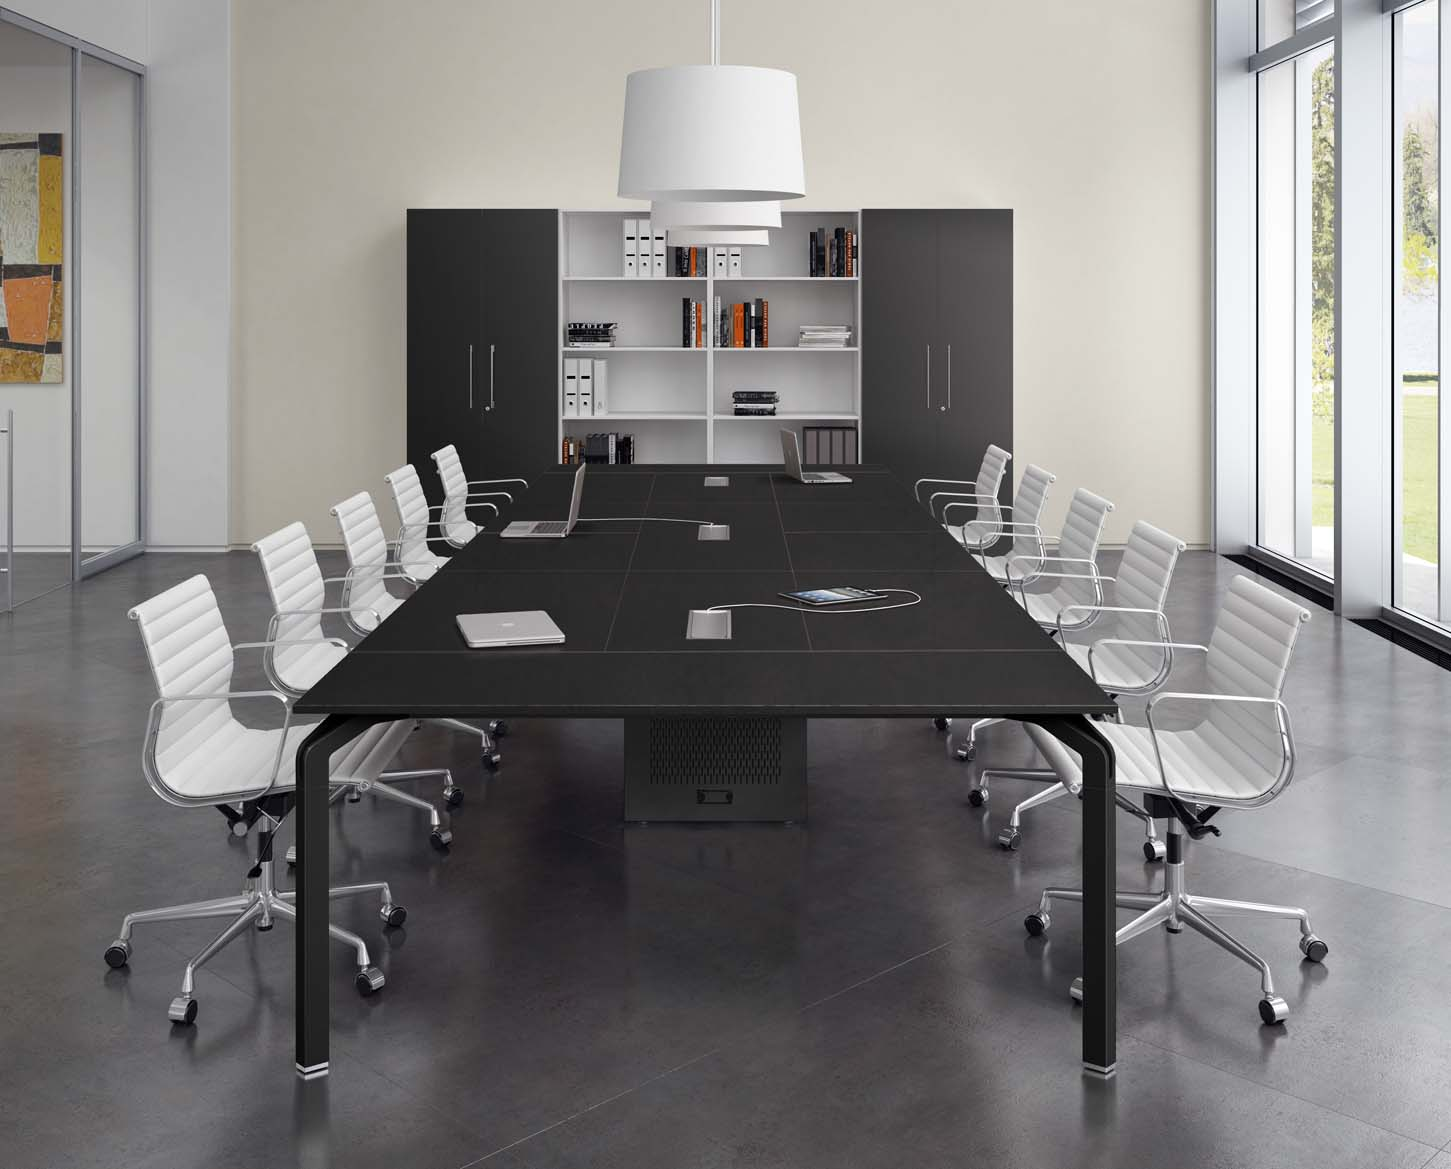 Tavolo Riunioni Prezzo.Yoga R 240x124cm 645 00 Iva Office More